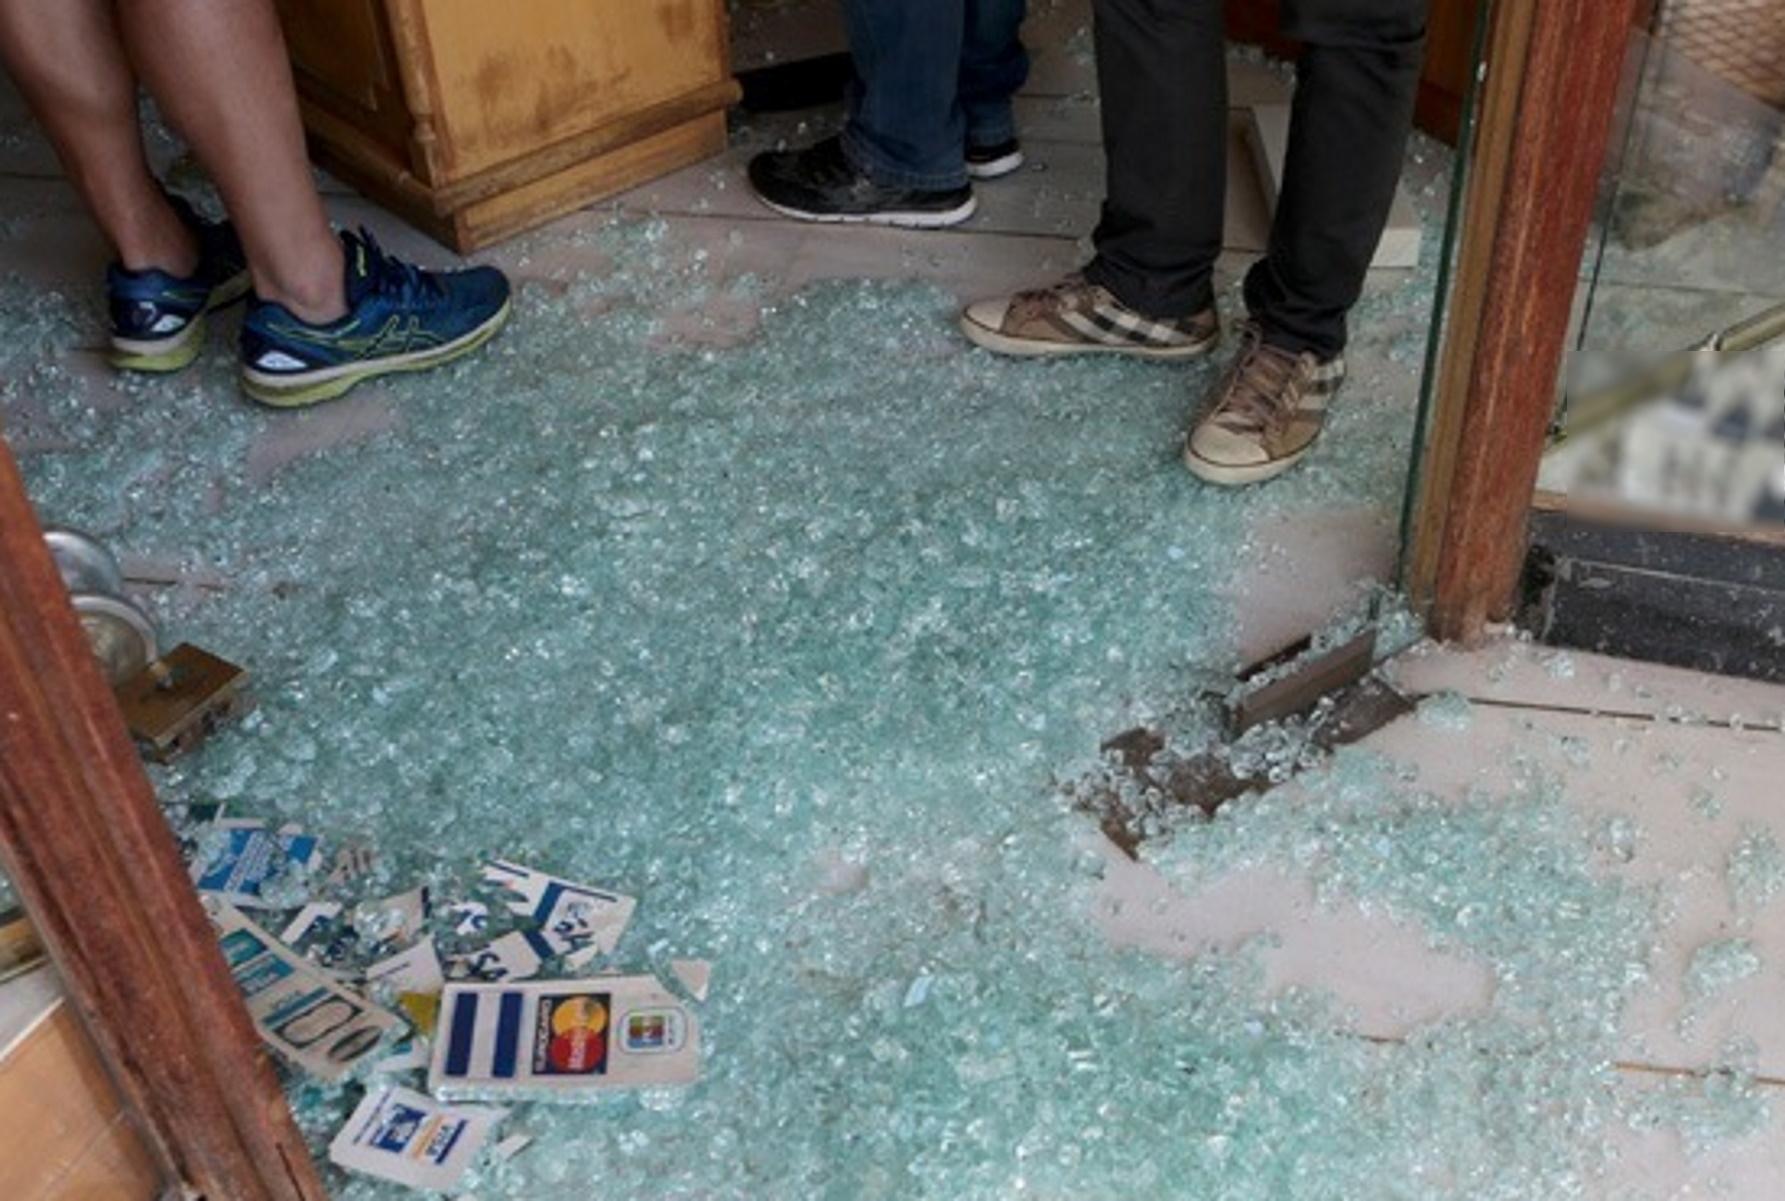 Φιλιππιάδα: Μπούκαρε σε καφετέρια και άρπαξε ολόκληρη την ταμειακή μηχανή